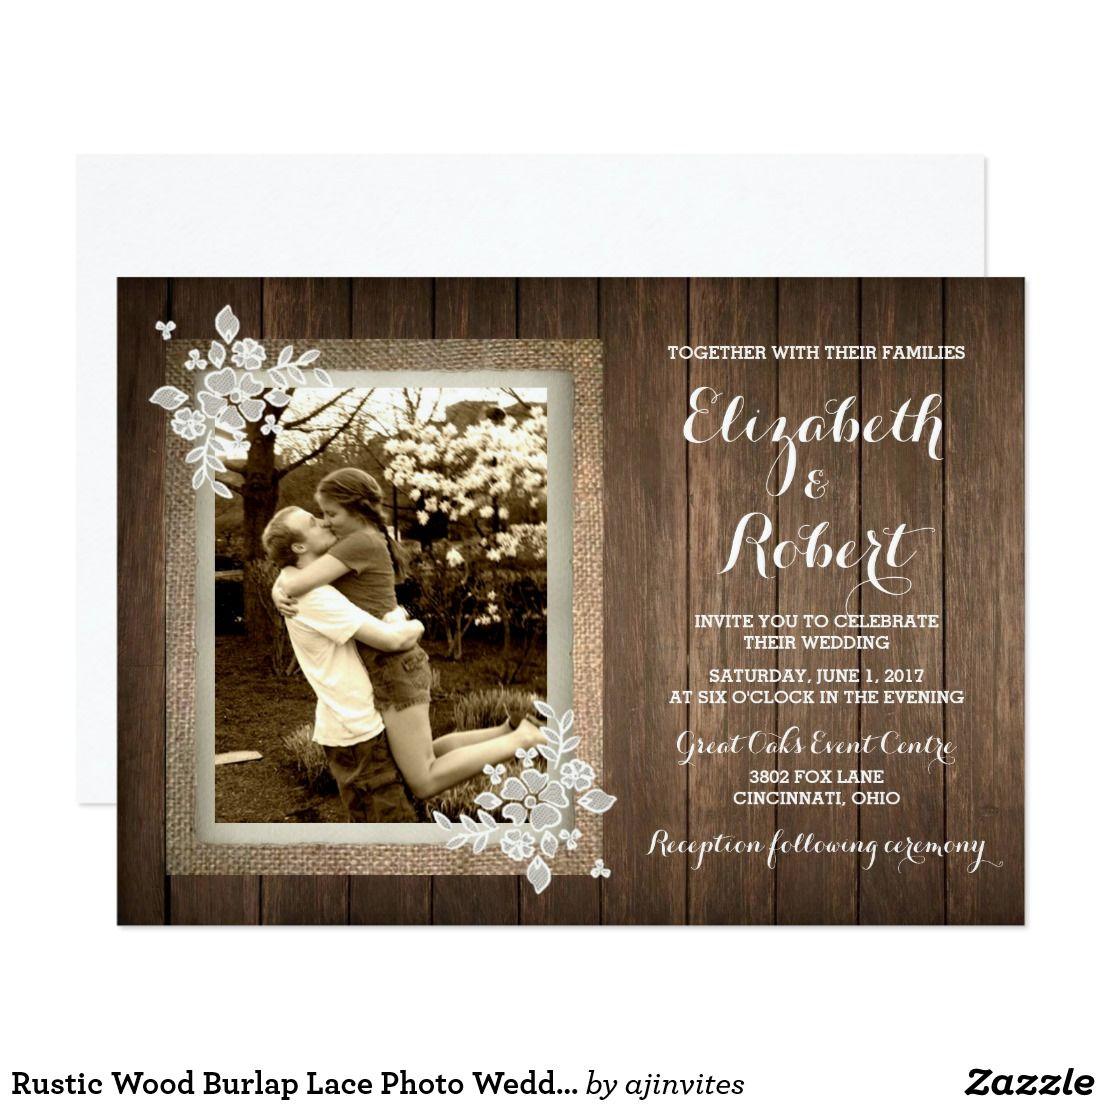 Rustic Wood Burlap Lace Photo Wedding Invitation Zazzle